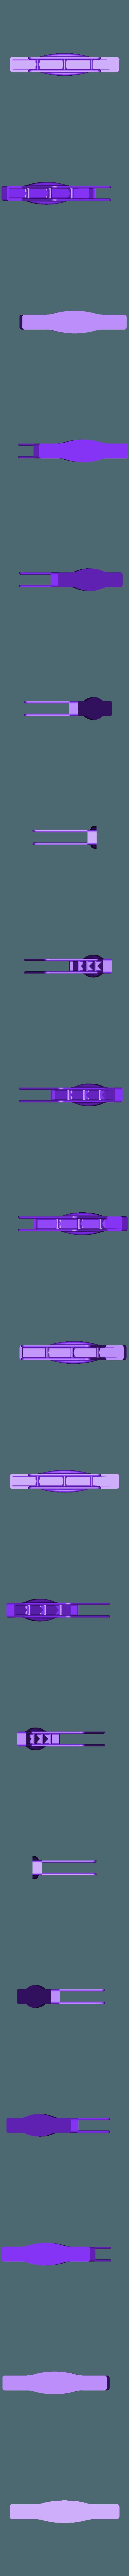 Scratch_Pad_Dryer.stl Télécharger fichier STL gratuit Support pour bloc-notes à gratter • Design pour imprimante 3D, Nacelle